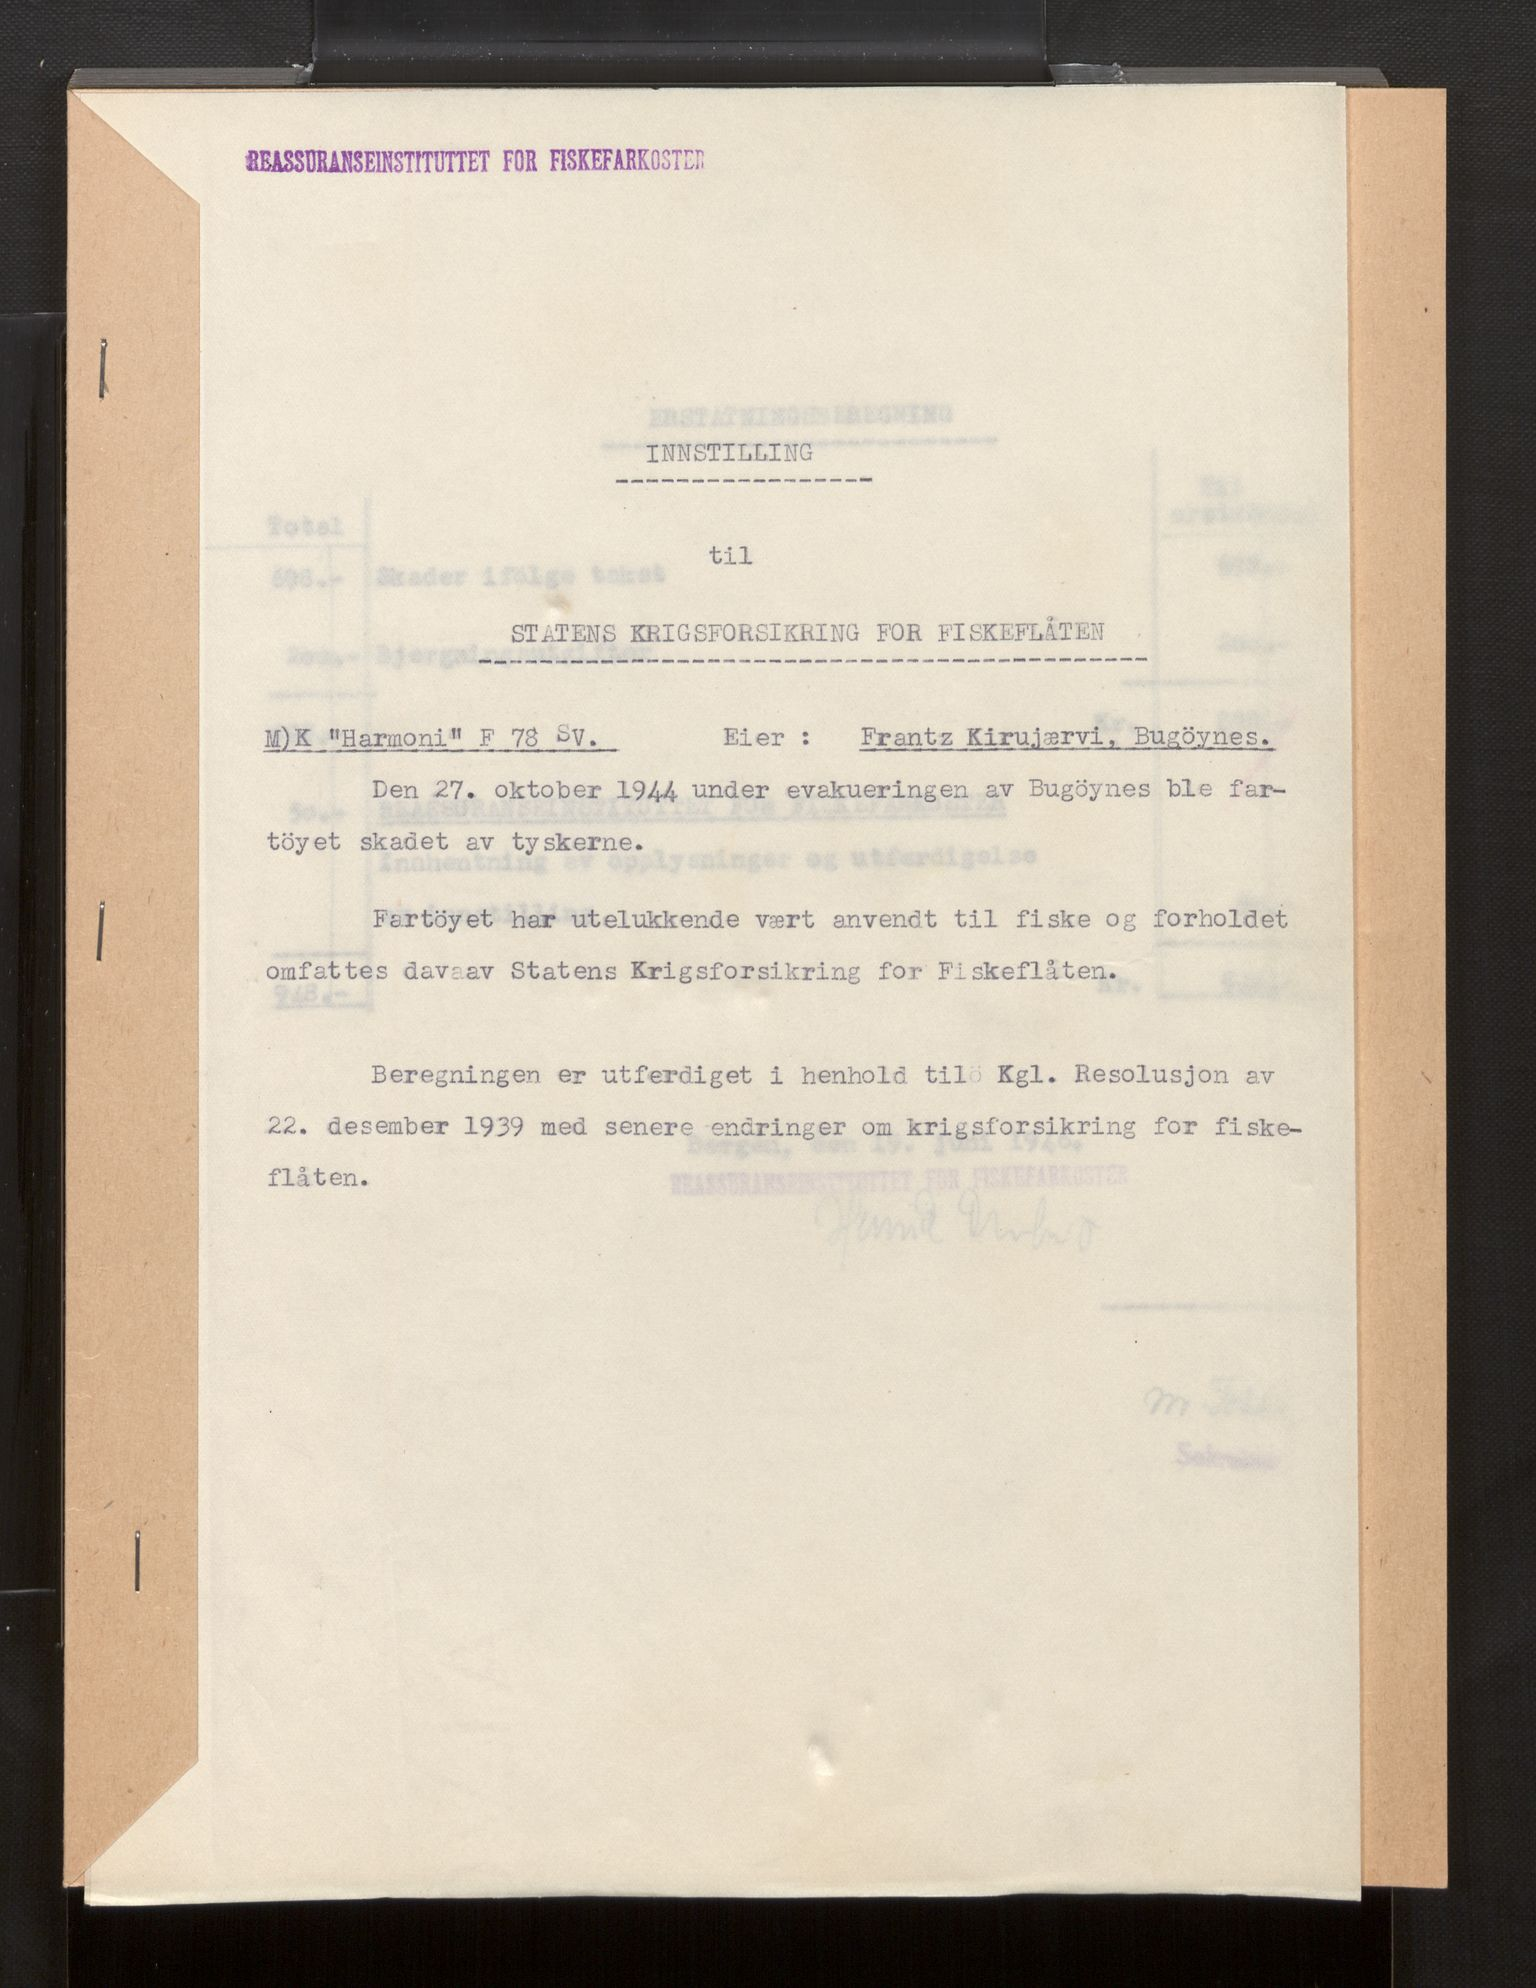 SAB, Fiskeridirektoratet - 1 Adm. ledelse - 13 Båtkontoret, La/L0042: Statens krigsforsikring for fiskeflåten, 1936-1971, s. 333